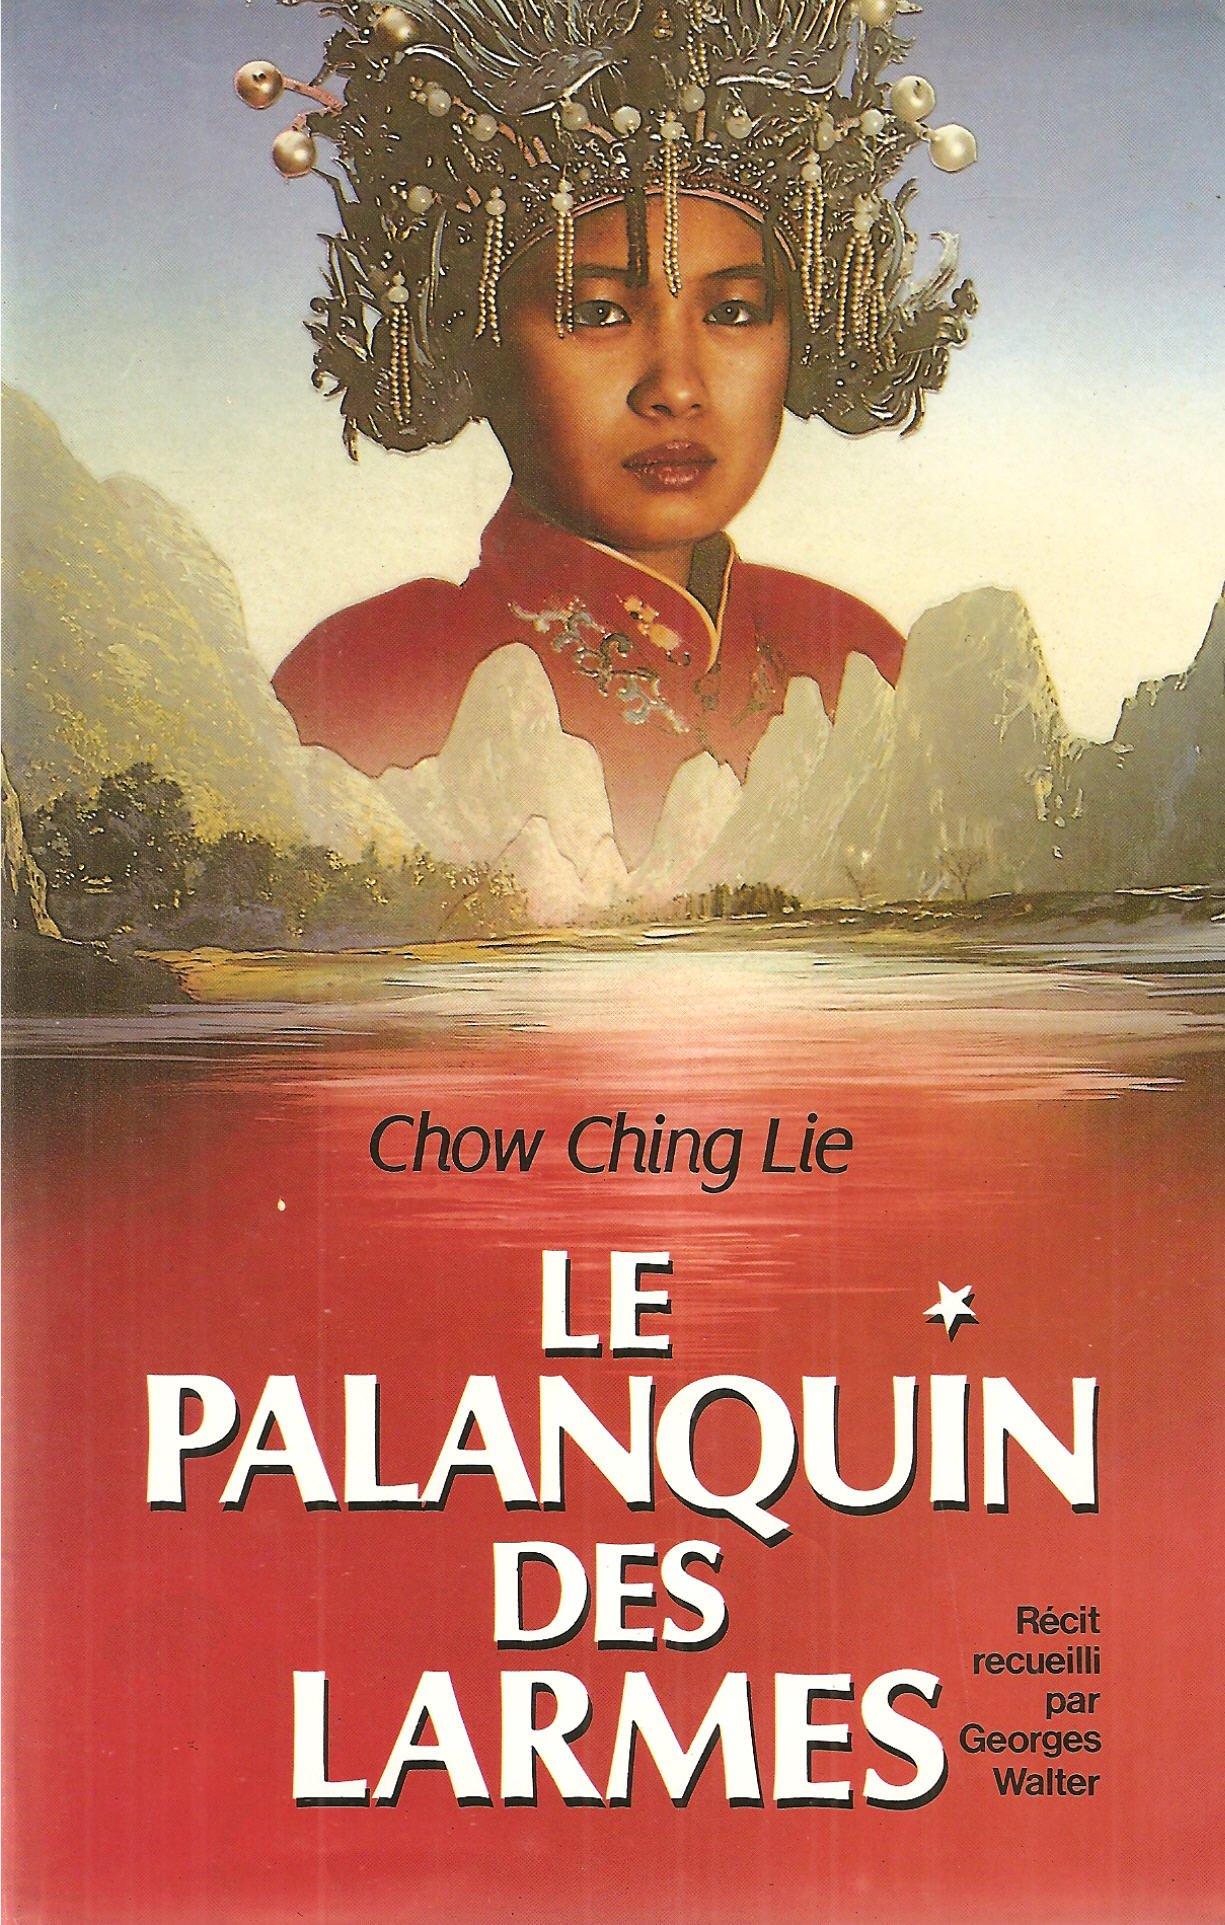 Amazon.fr - La Palanquin Des Larmes ( francais ) - Ching Lie Chow, Georges  Walter - Livres